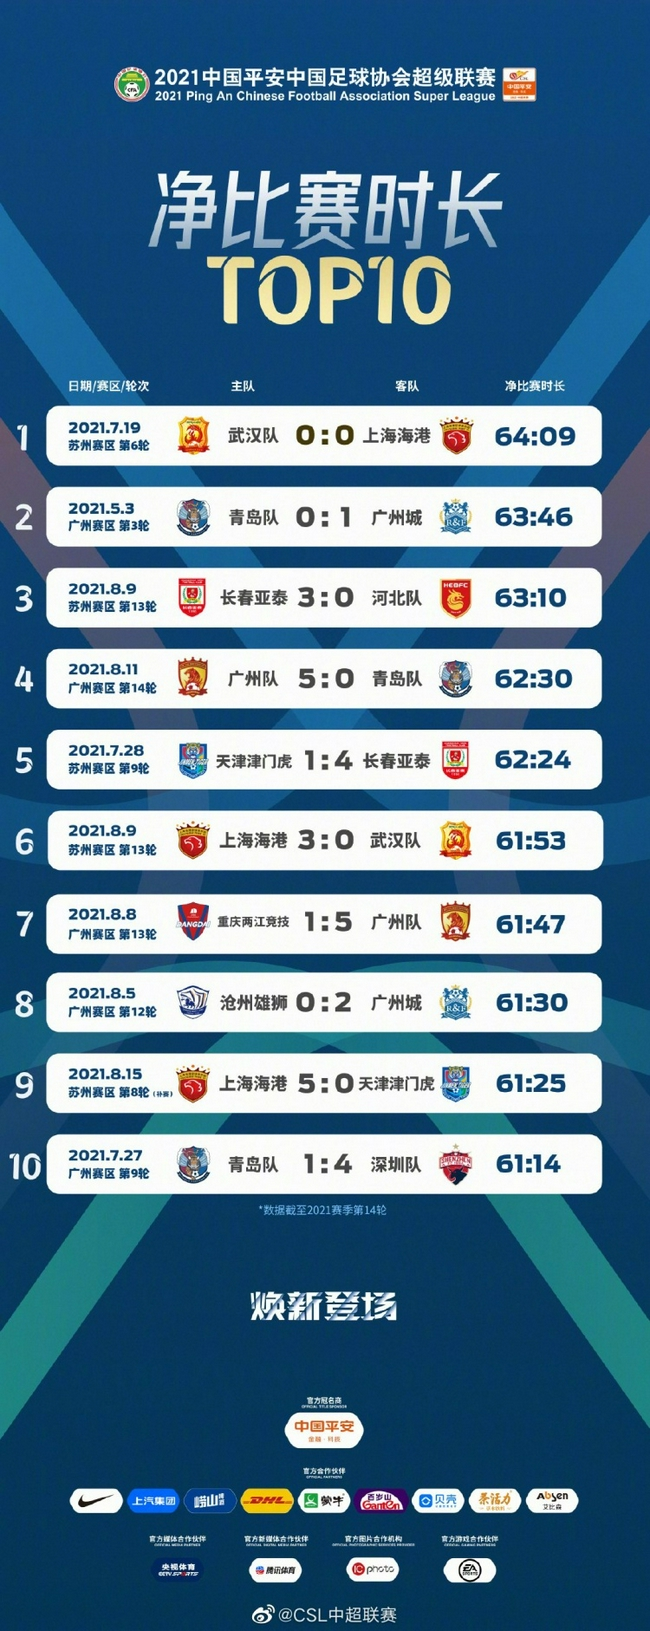 中超官方净比赛时长TOP10:武汉vs海港排名第一位